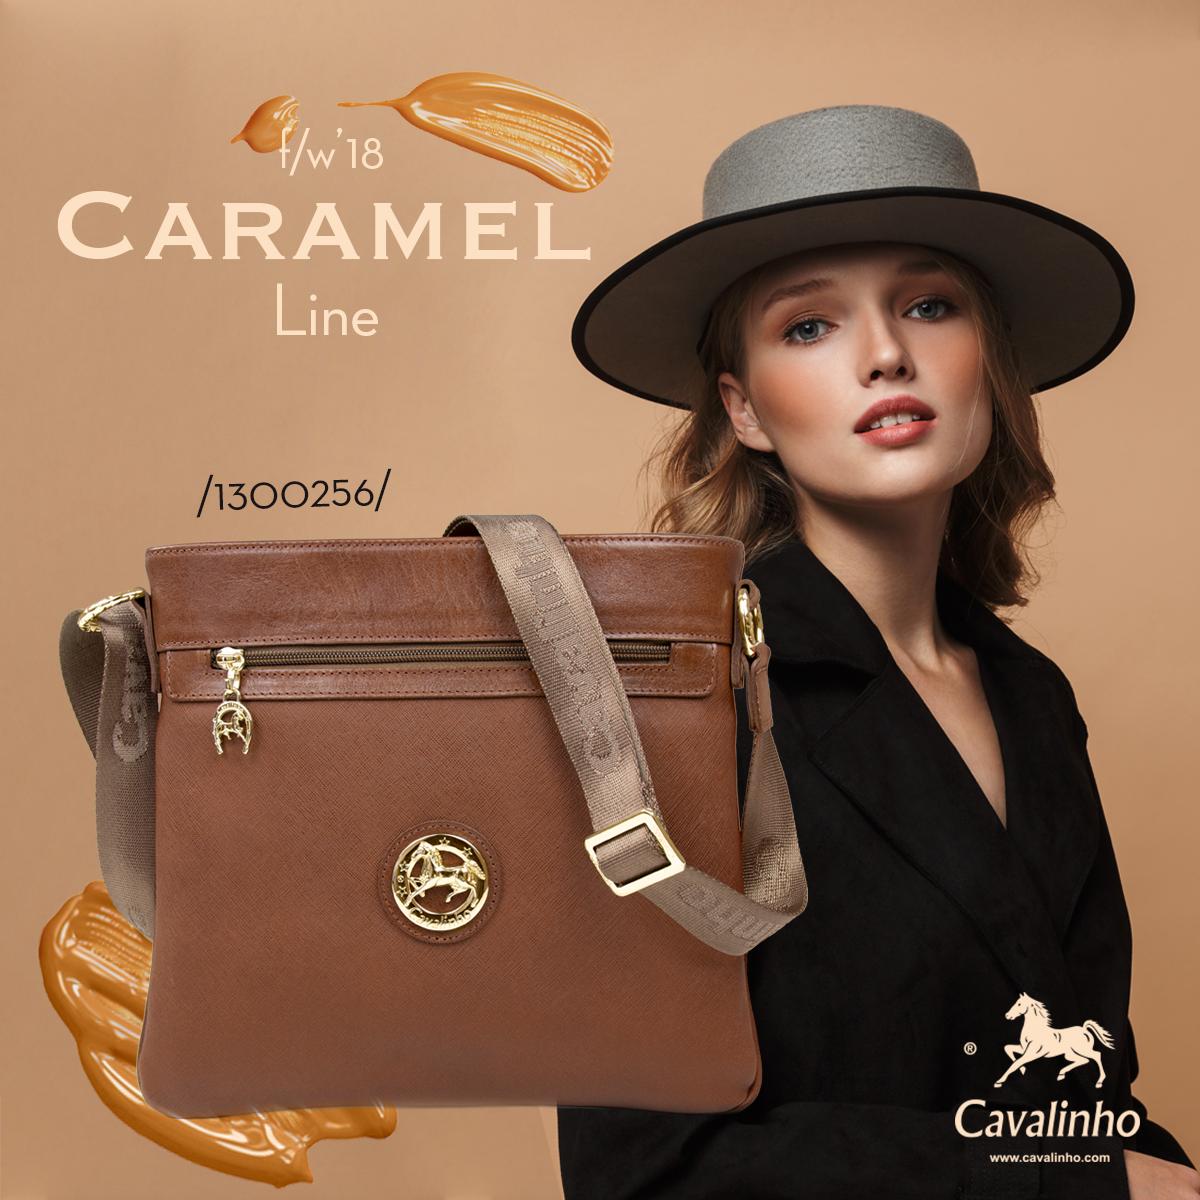 caramel_posts_04